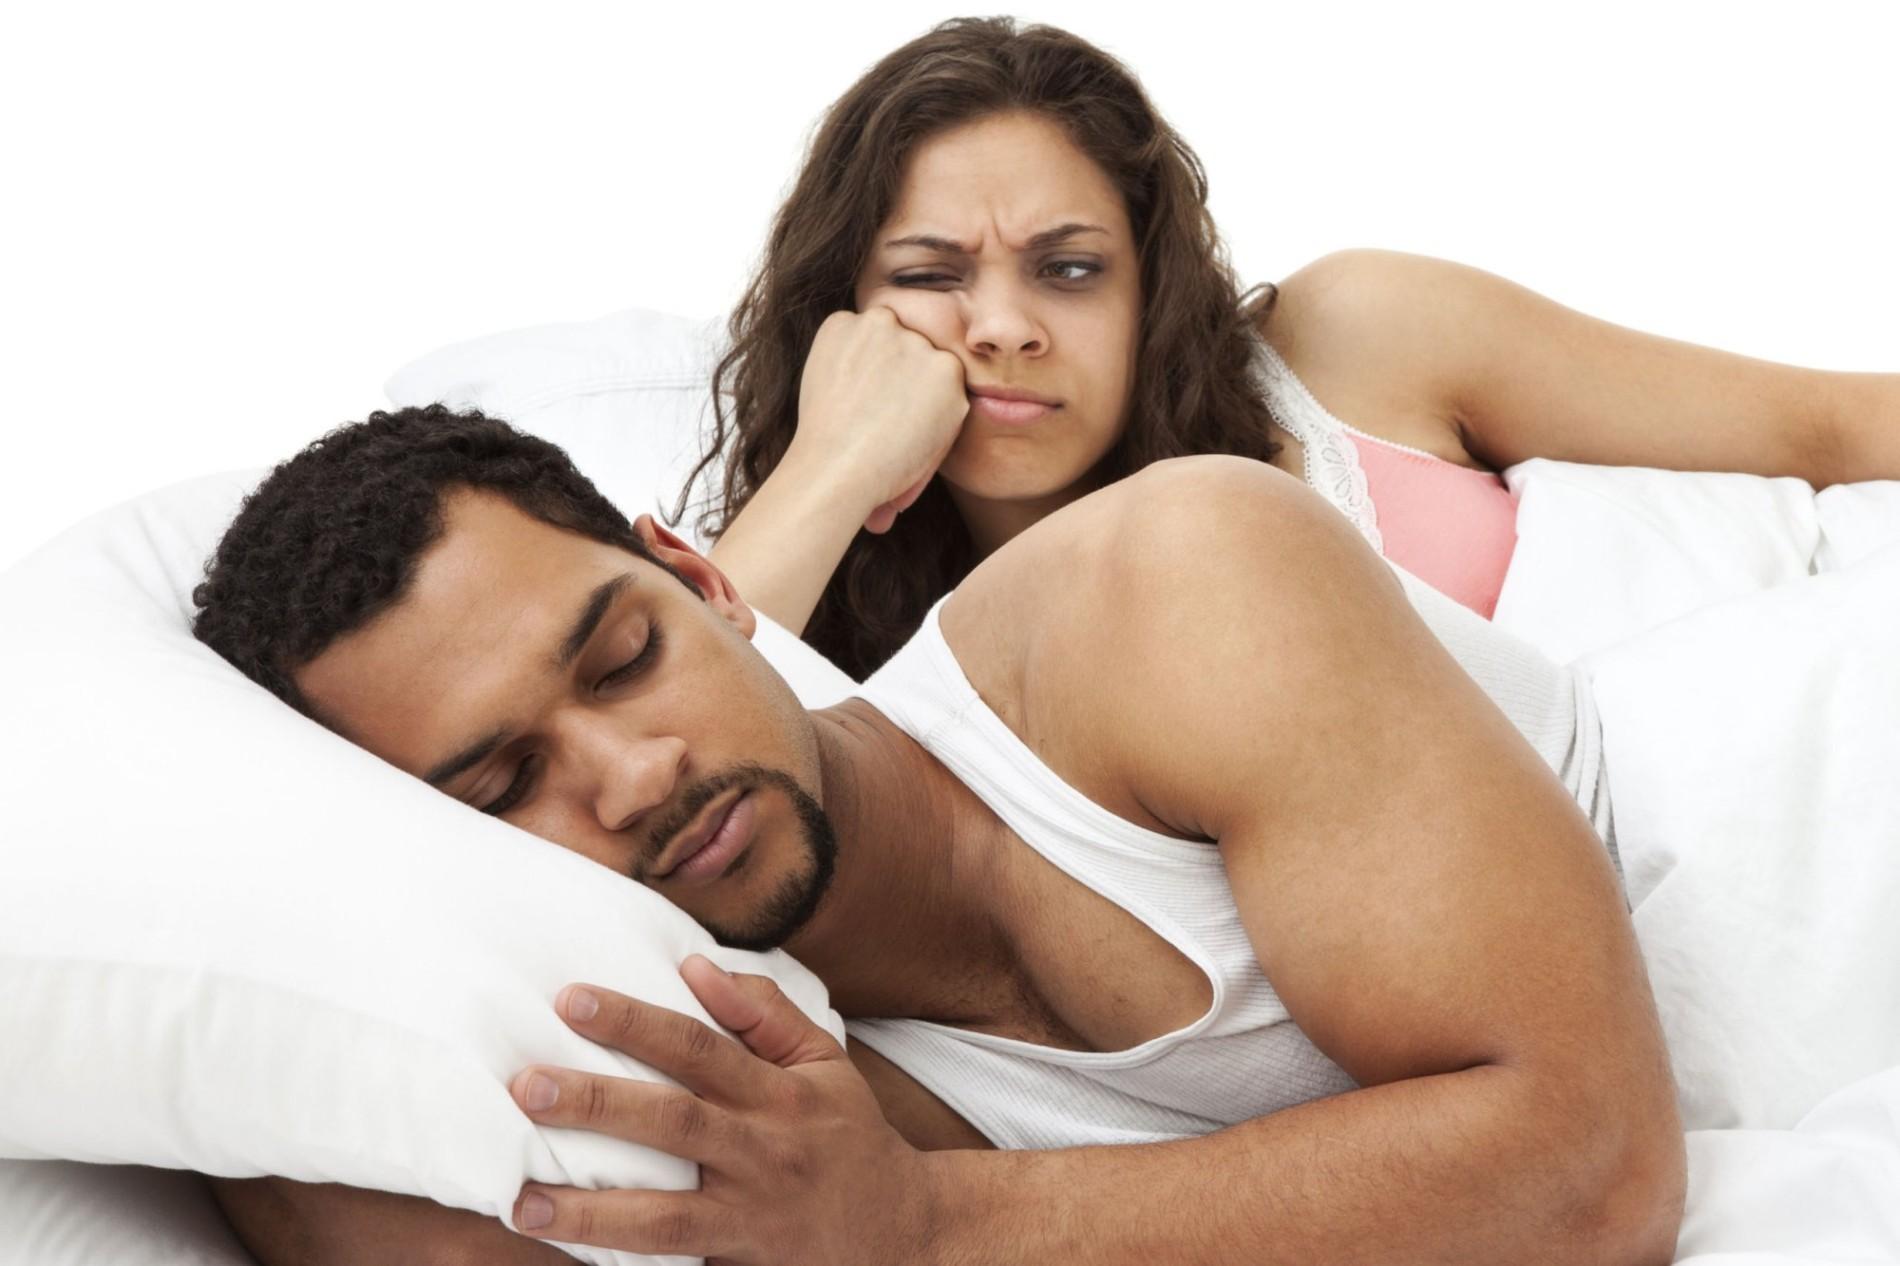 receptek a potencia és az erekció miért a férfiak gyorsan merevednek